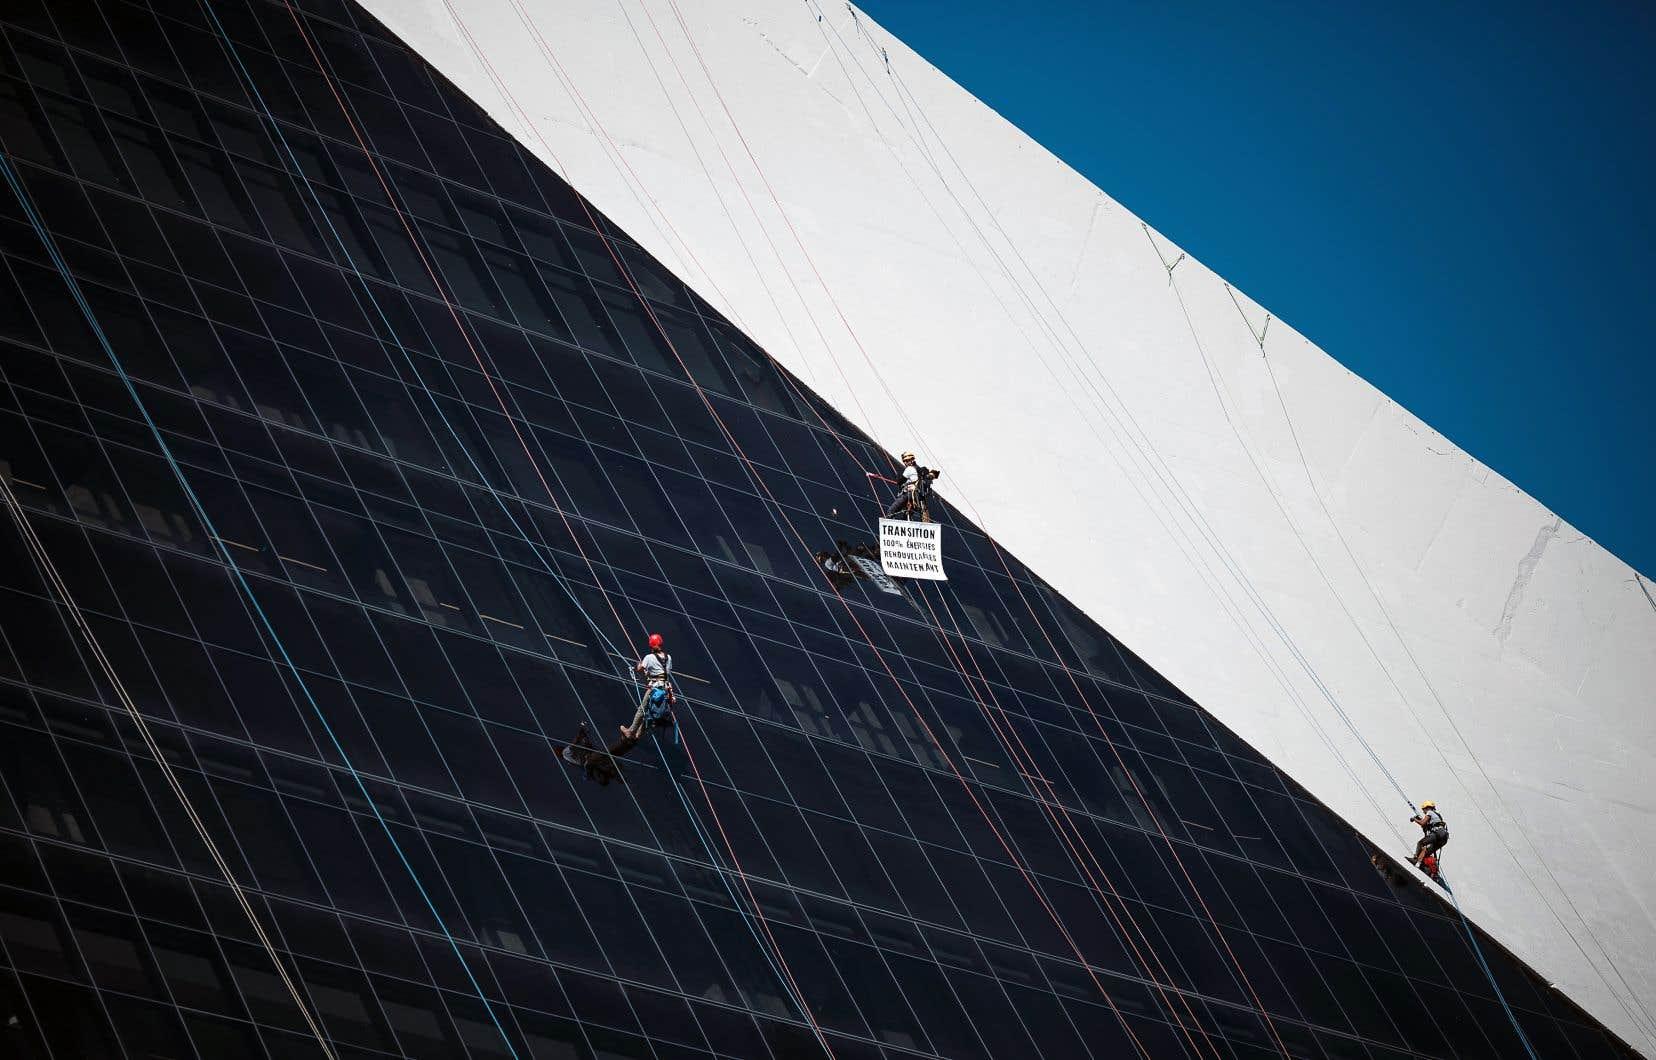 Les militants de Greenpeace ont escaladé une partie de la tour du Stade olympique avant de déployer leur bannière.